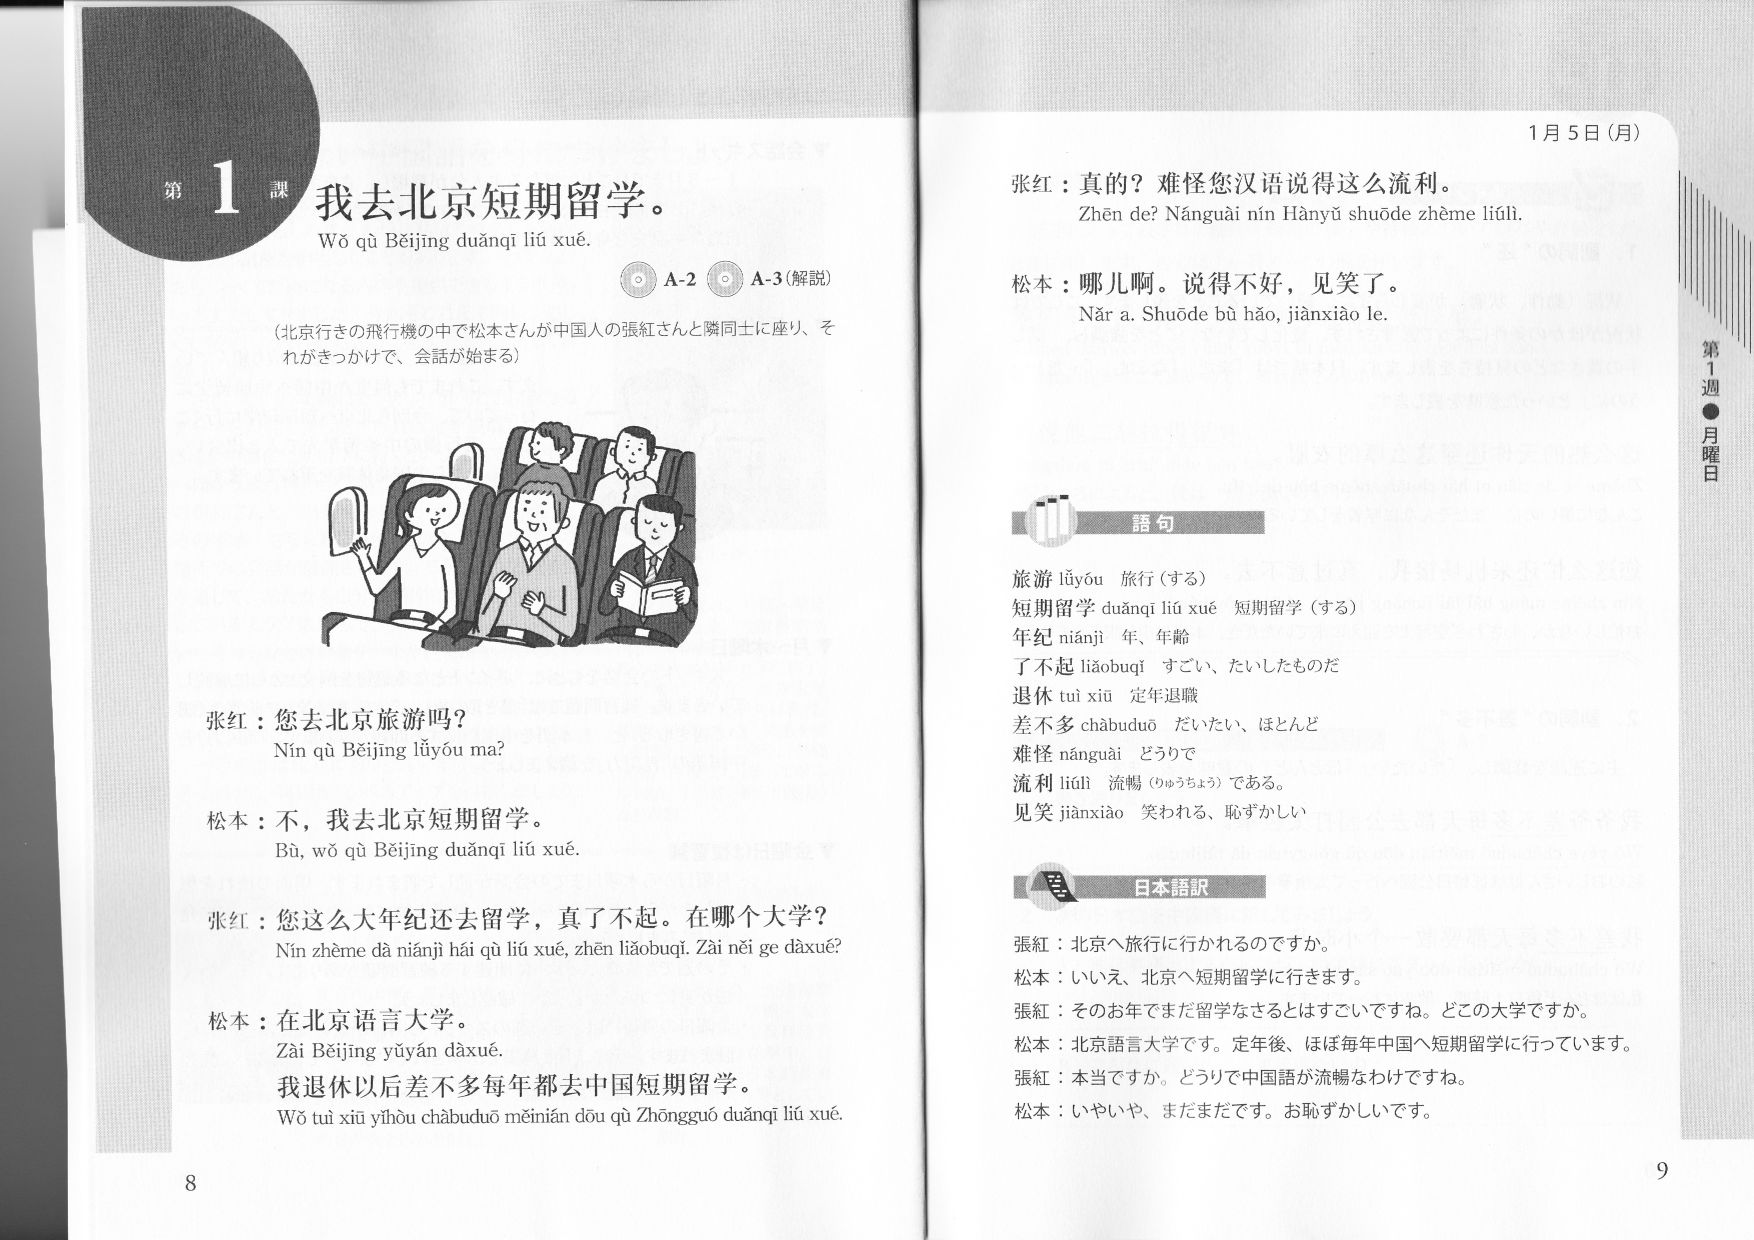 15-1月期のレベルアップ中国語は中位の喜び (14年12月21日)_c0059093_14291085.jpg